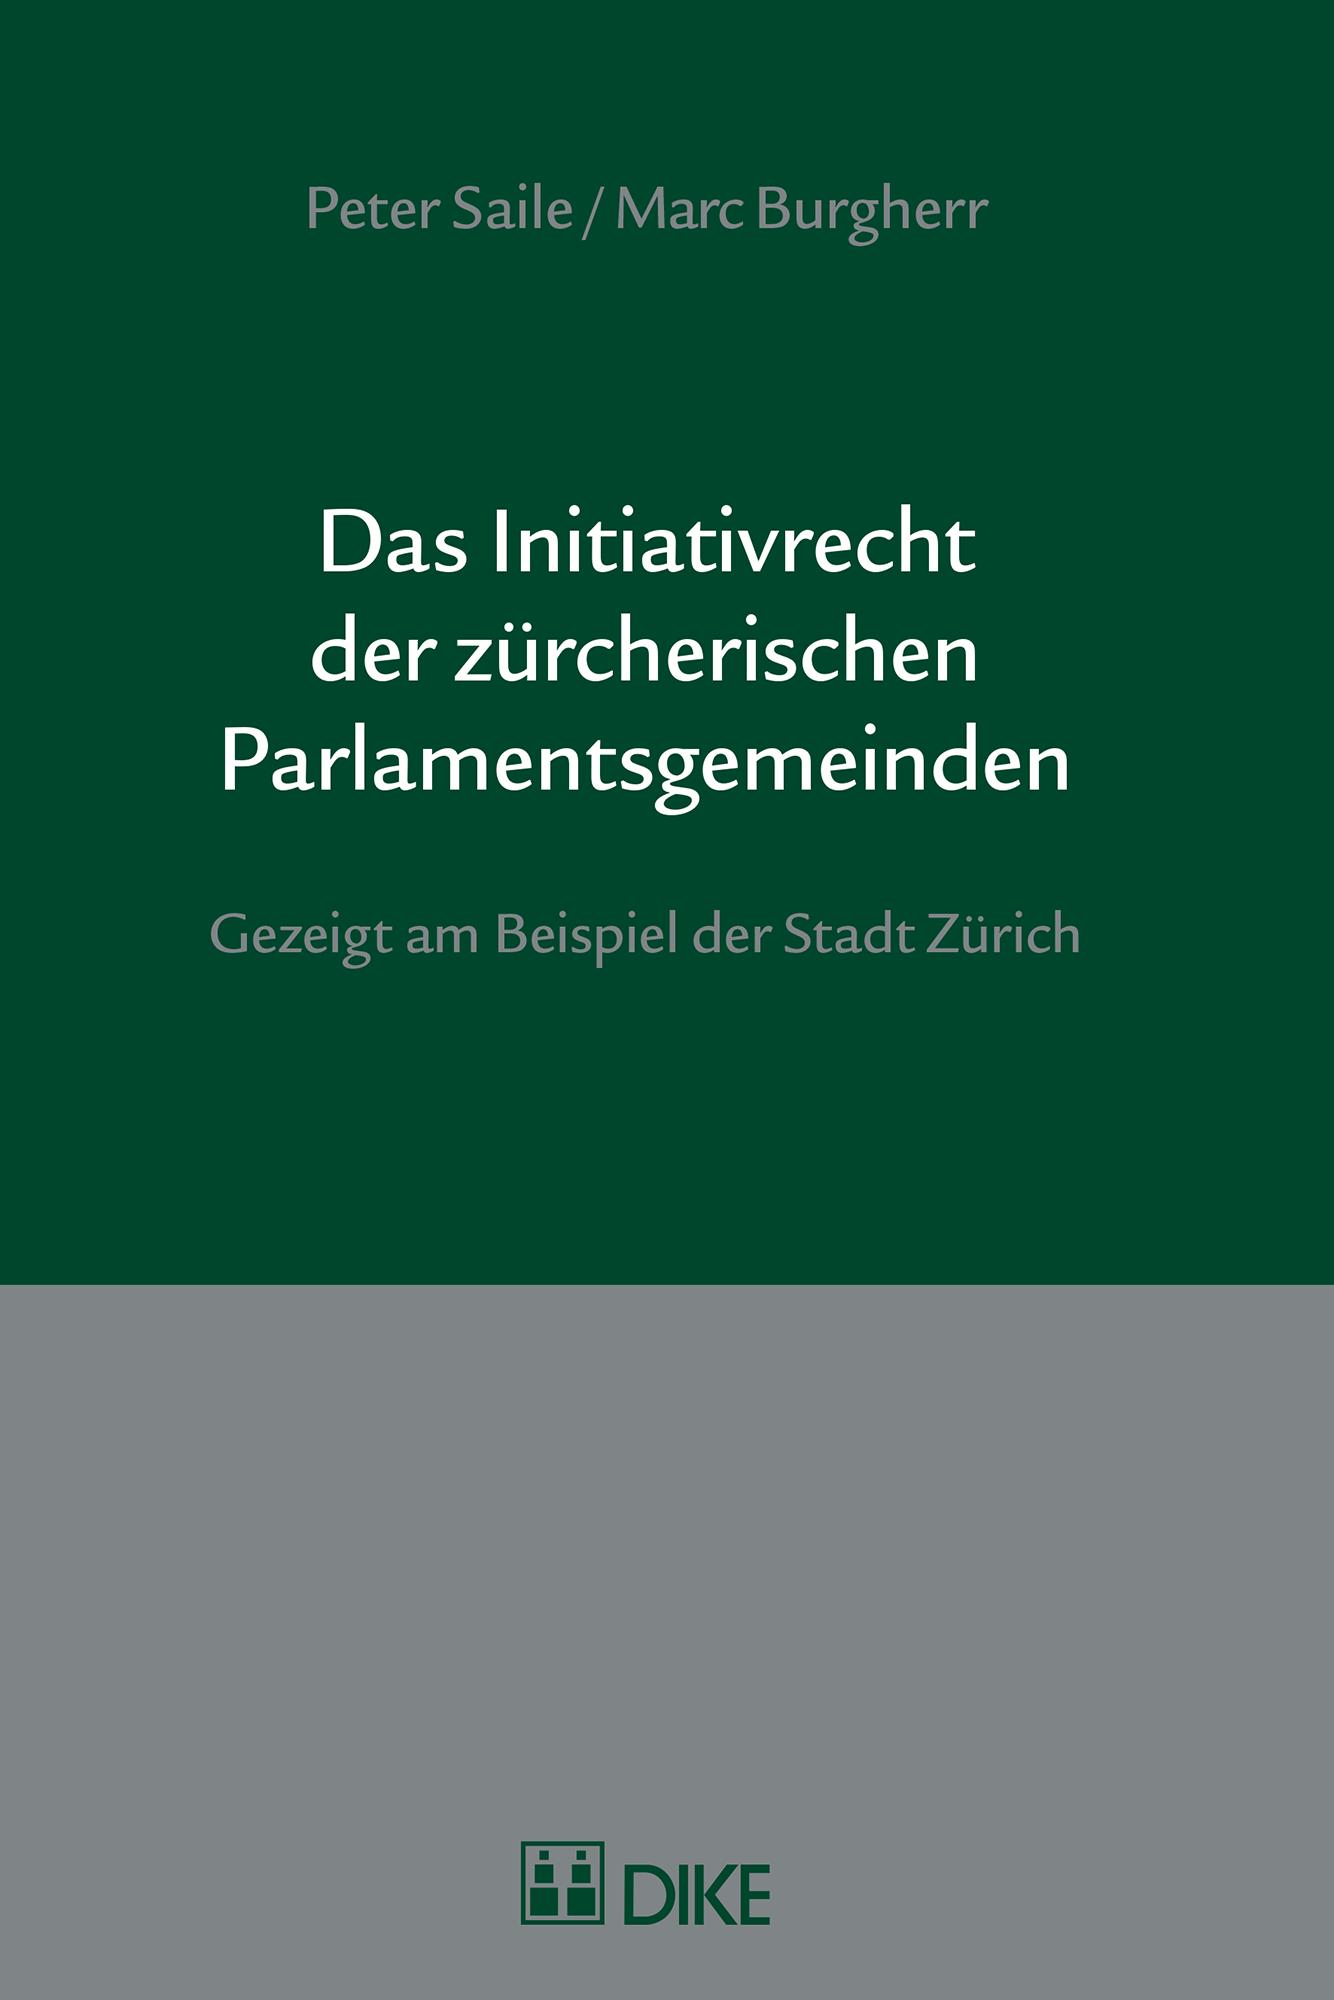 Das Initiativrecht der zürcherischen Parlamentsgemeinden